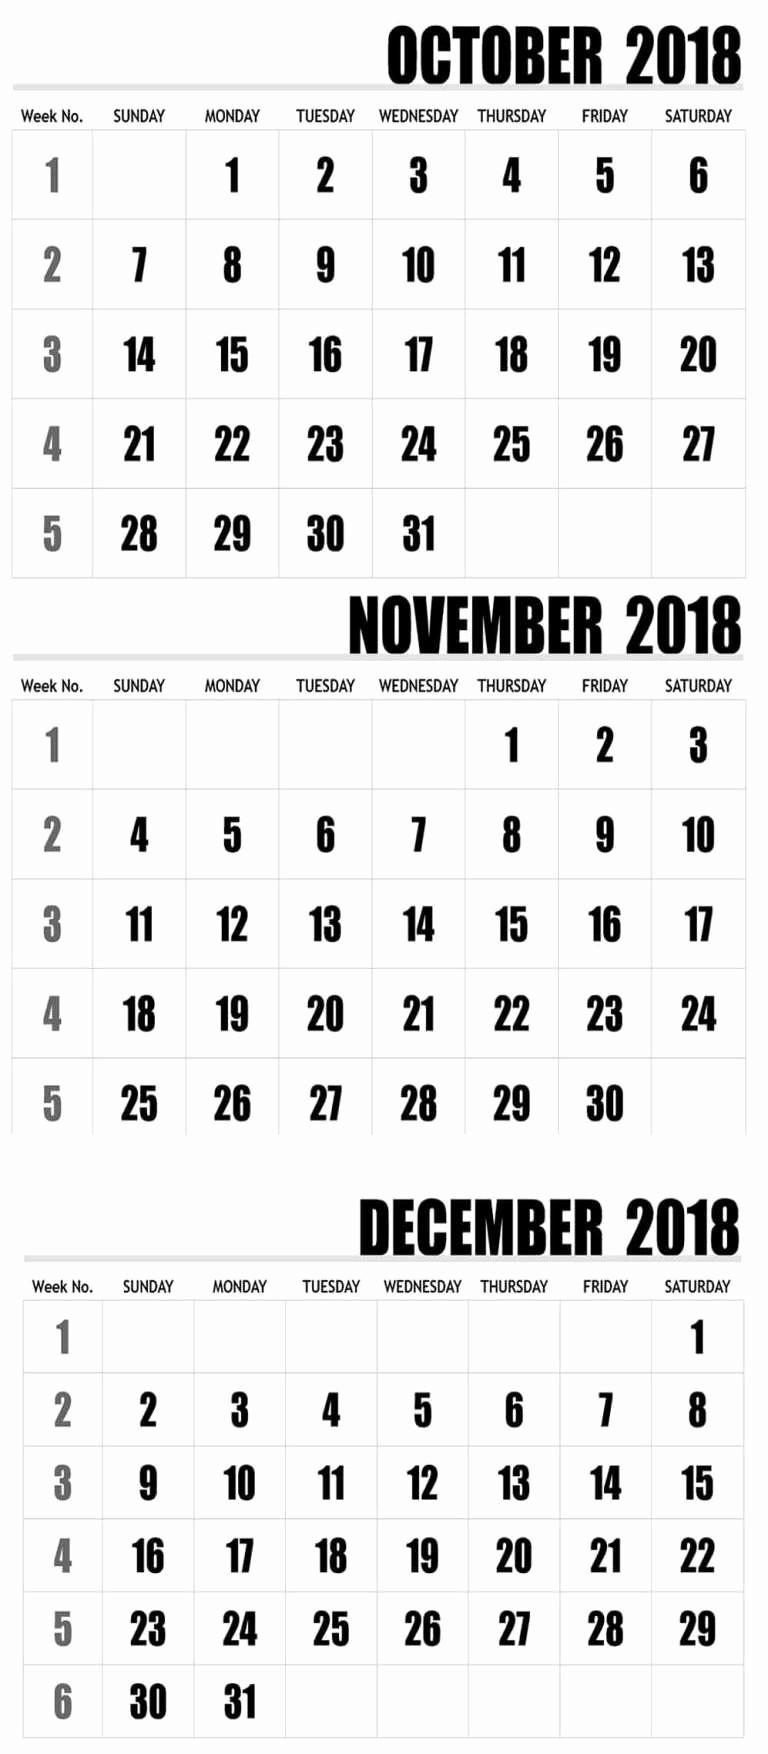 October 2018 Printable Calendar Word Unique Editable October 2018 Calendar Word